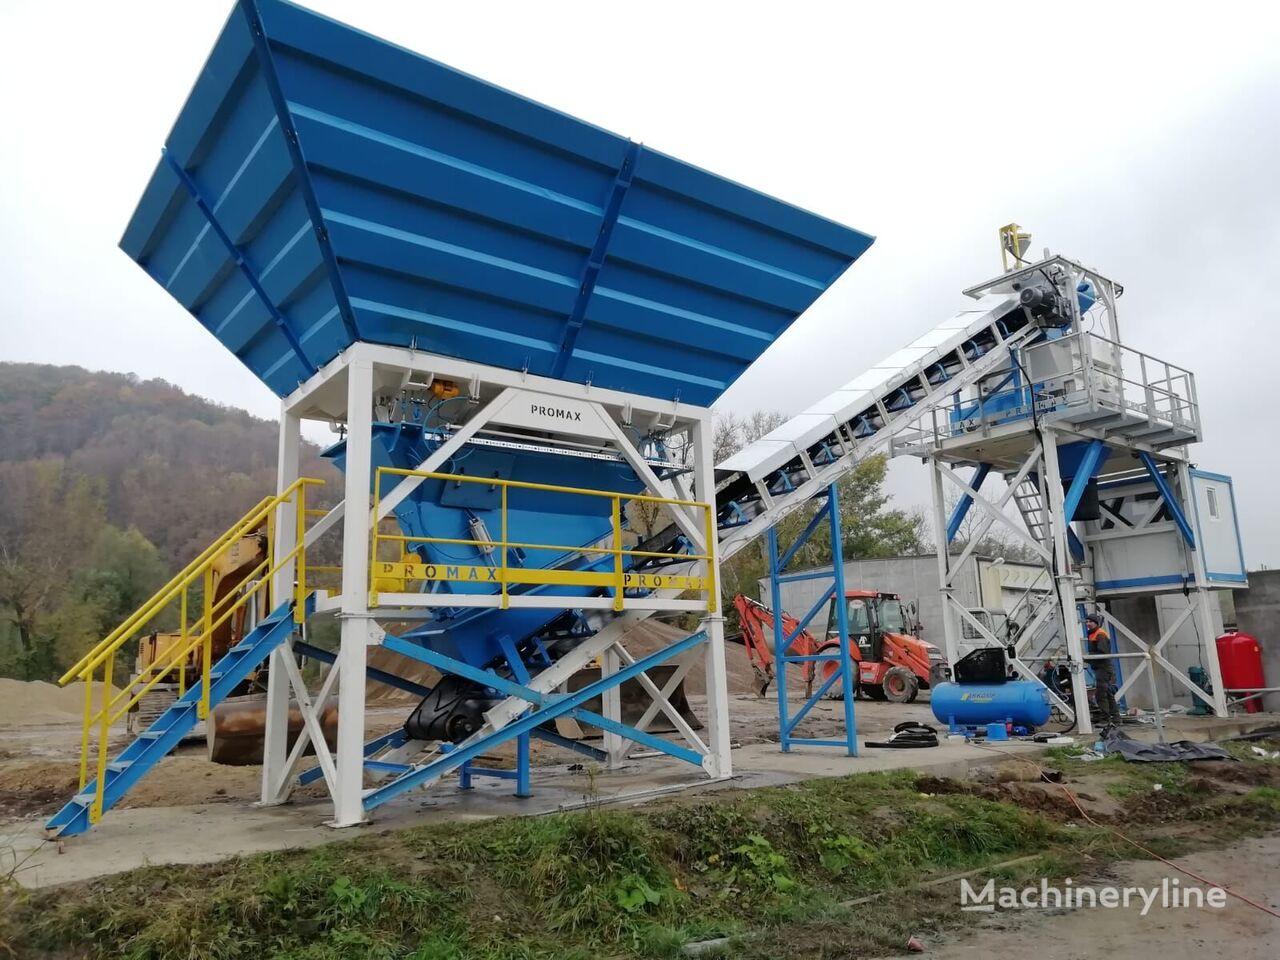 new PROMAX Compact Concrete Batching Plant C60-SNG-PLUS (60m3/h) concrete plant